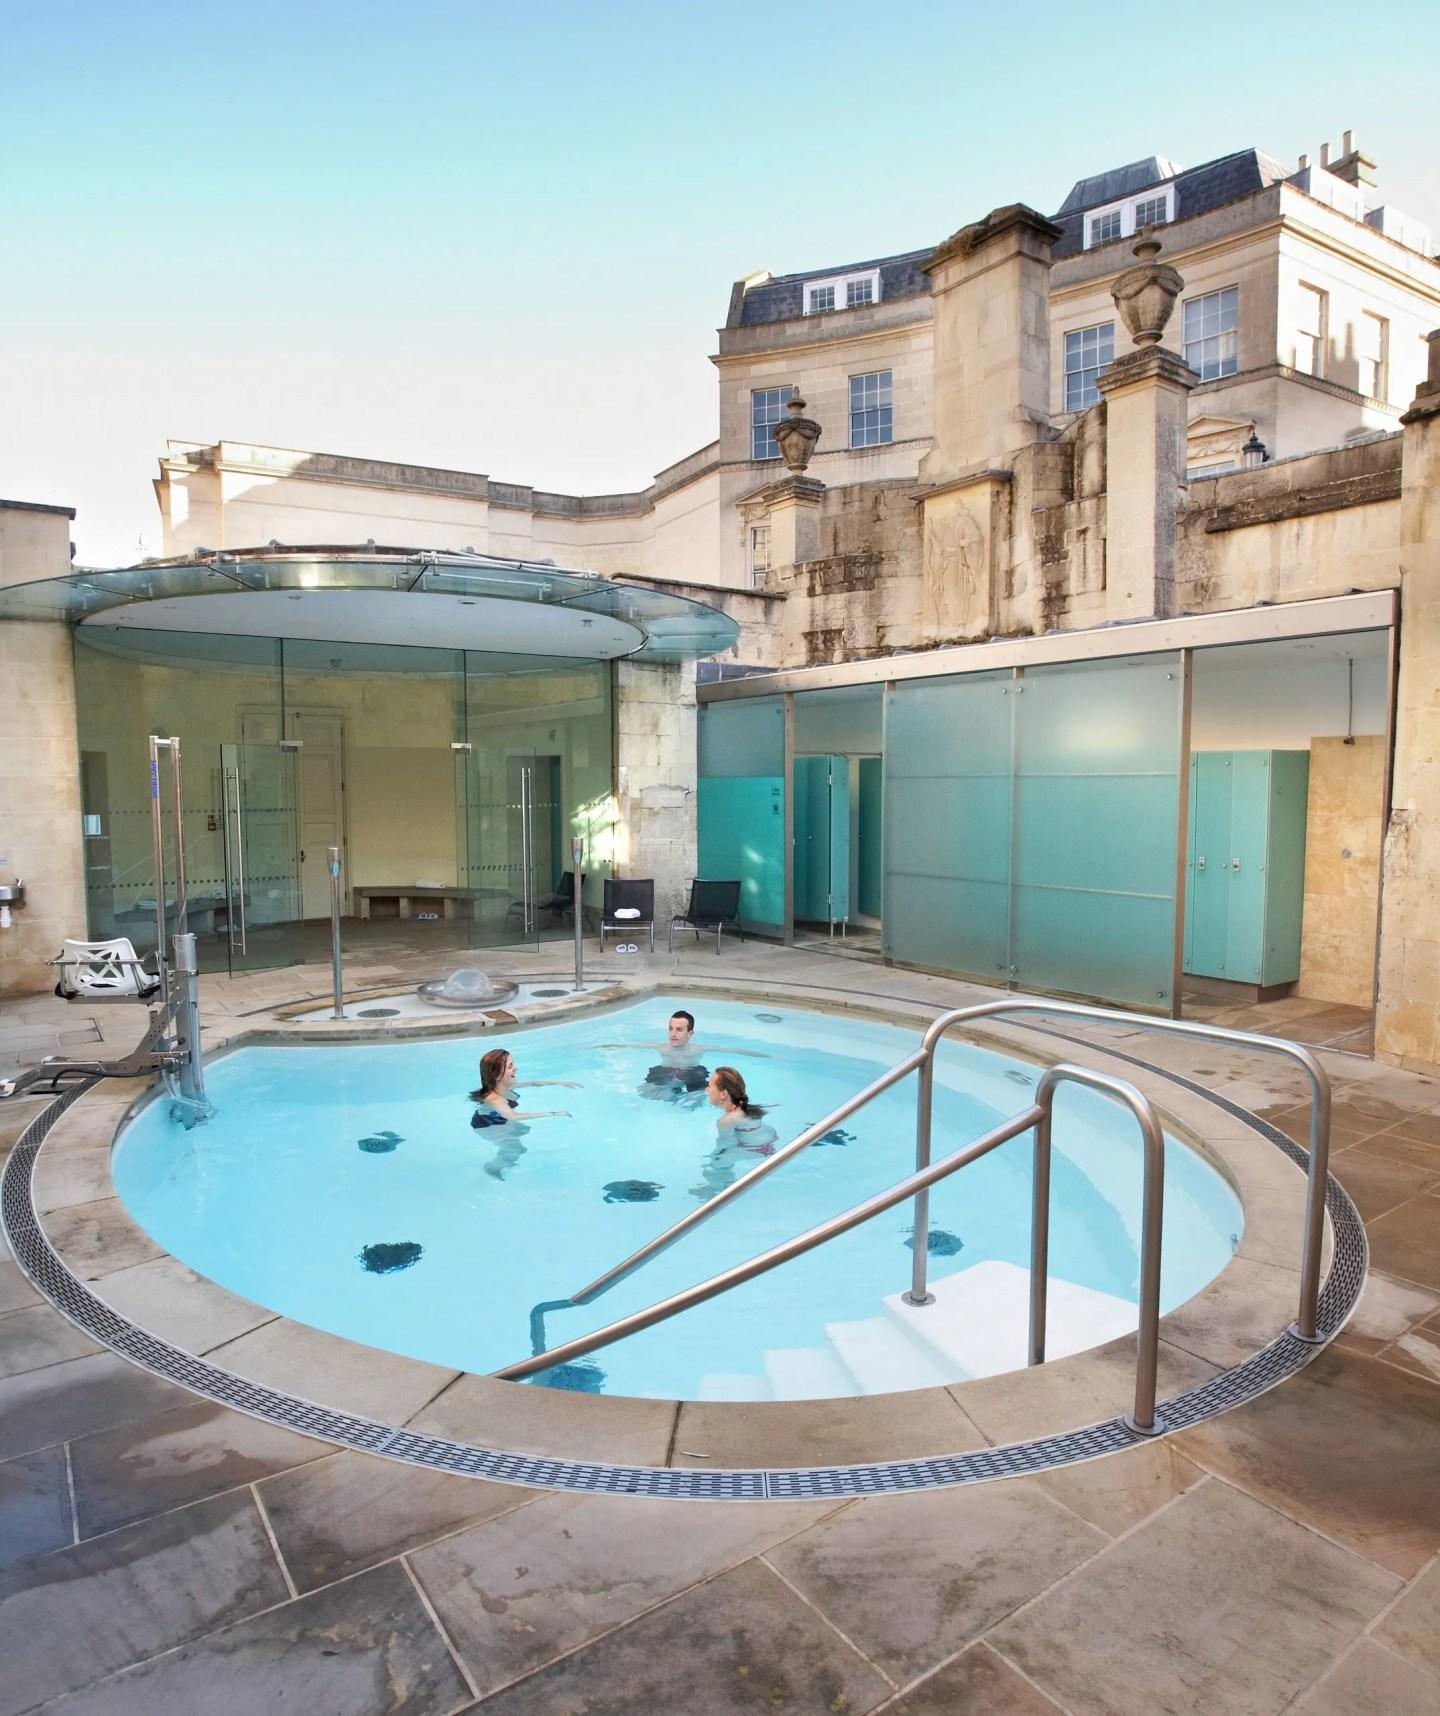 Cross Bath Bath Thermae Spa